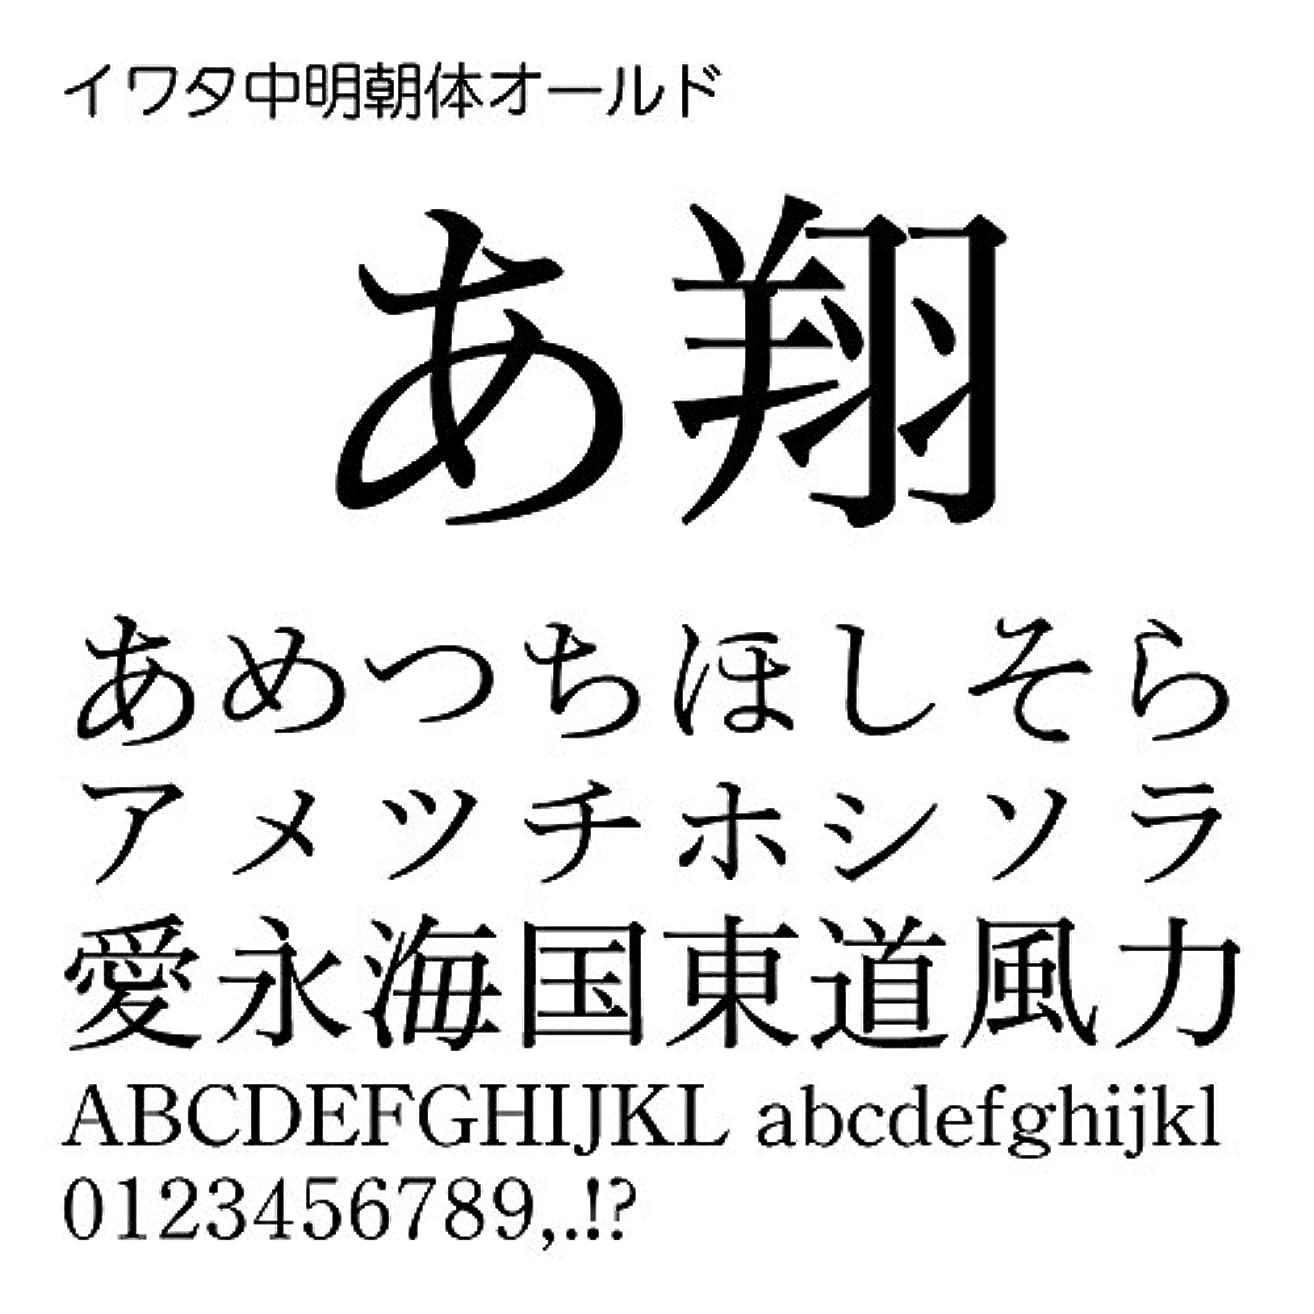 注釈を付けるカカドゥ樹木イワタ中明朝体オールド TrueType Font for Windows [ダウンロード]